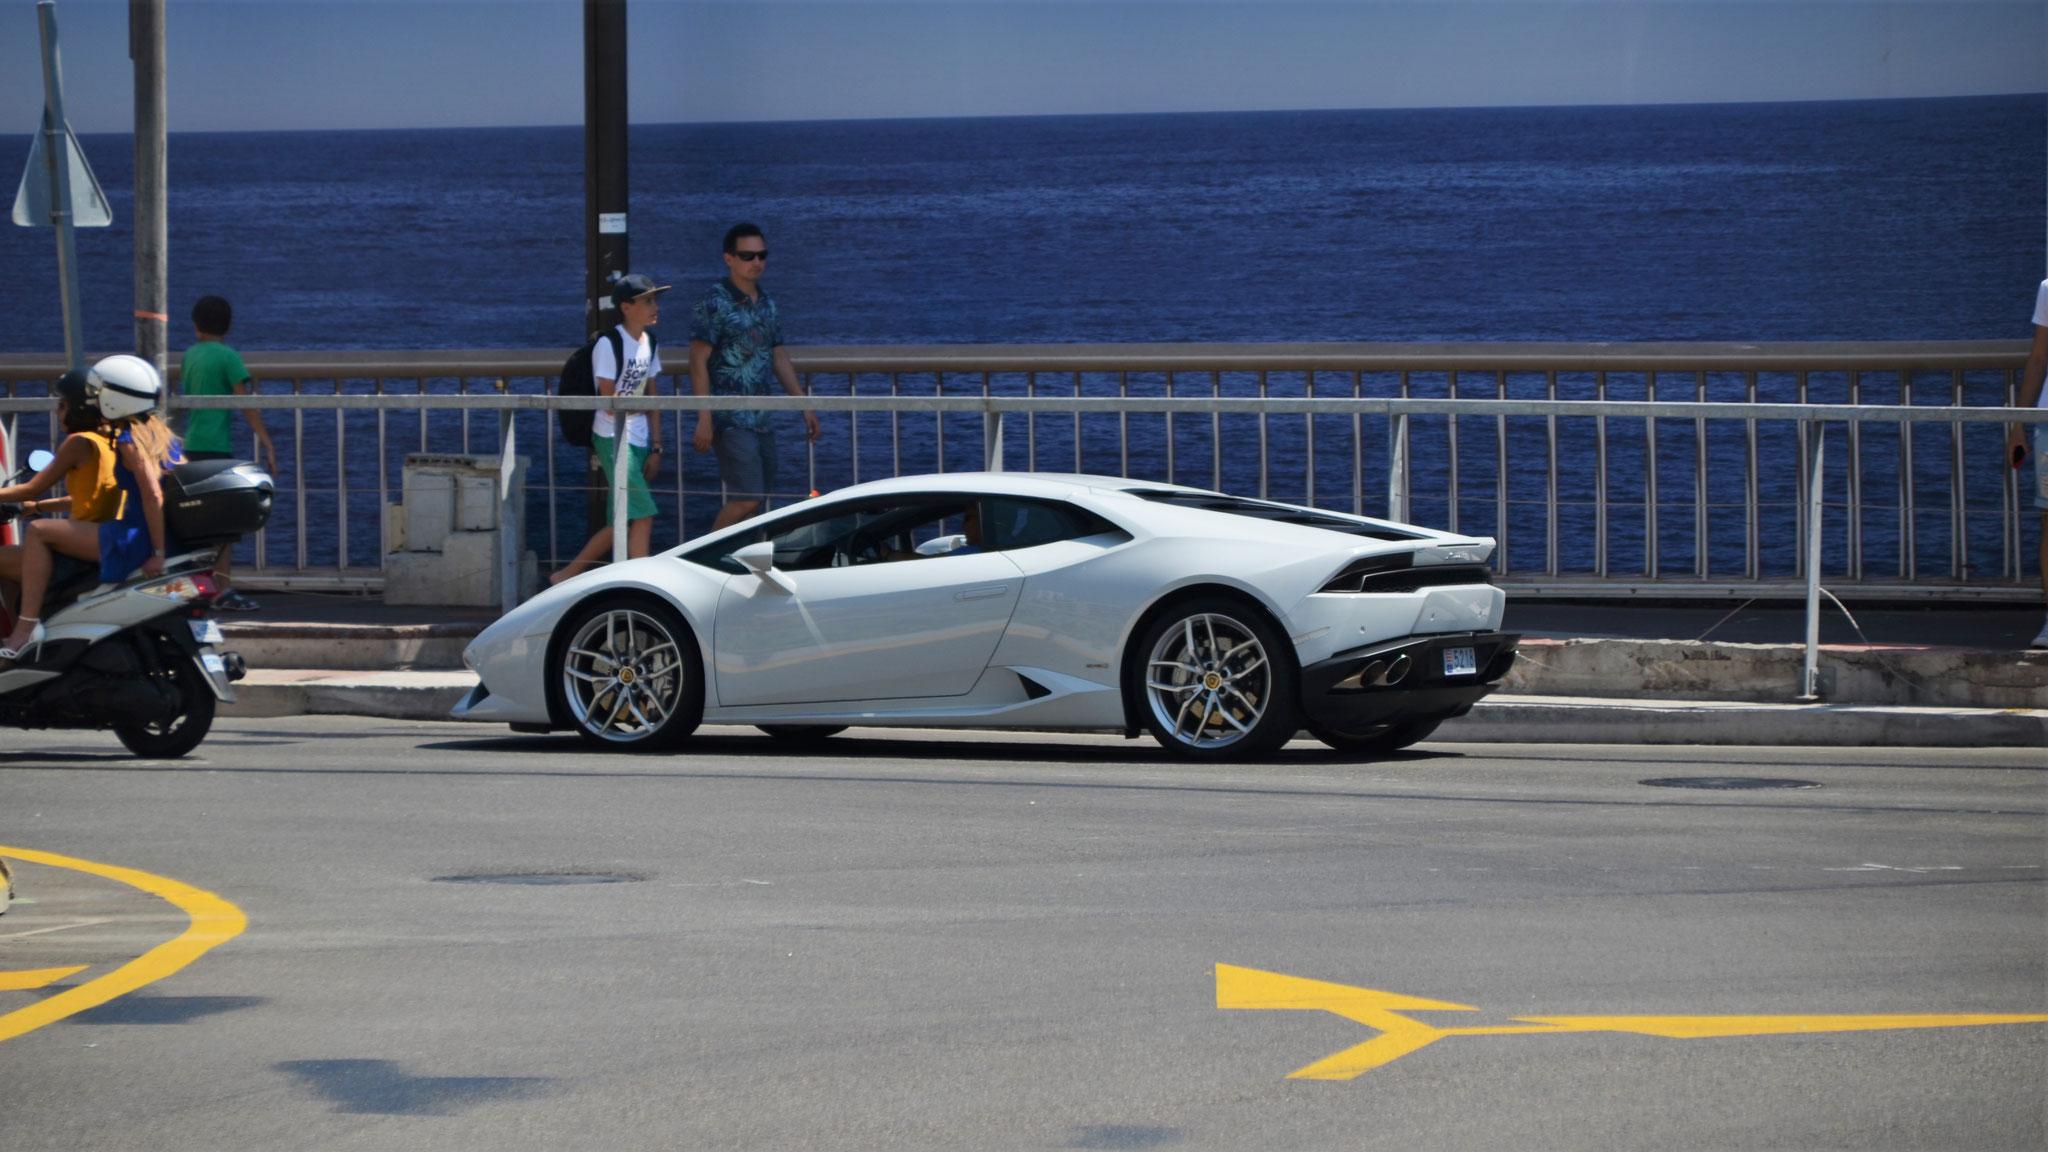 Lamborghini Huracan - 5218 (MC)